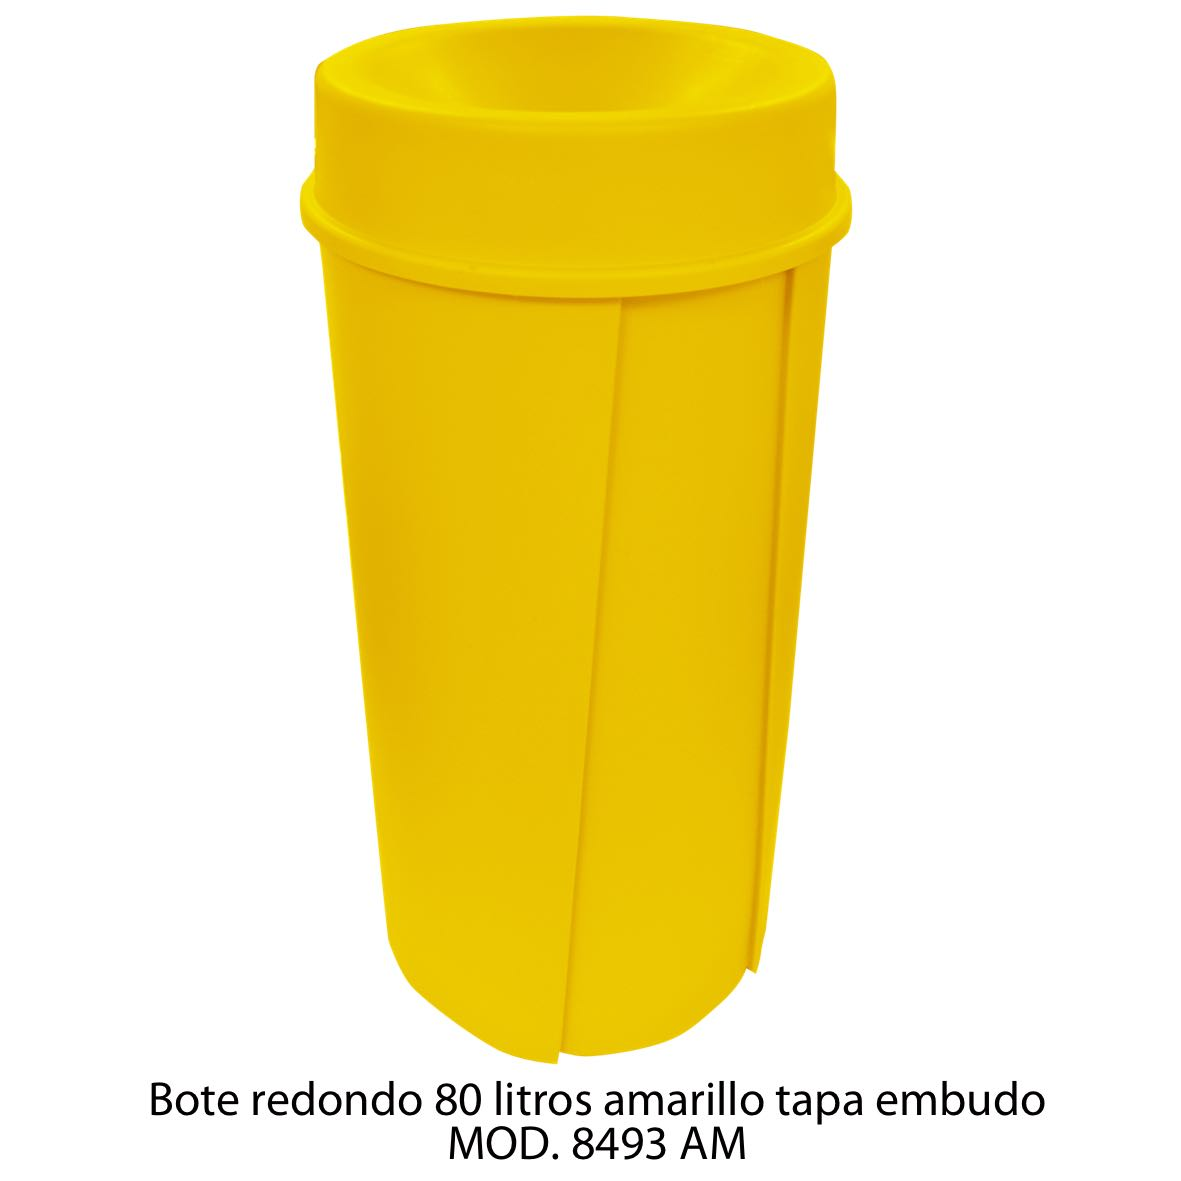 Bote de basura redondo de 80 litros con tapa embudo color amarillo modelo 8493 AM Sablón